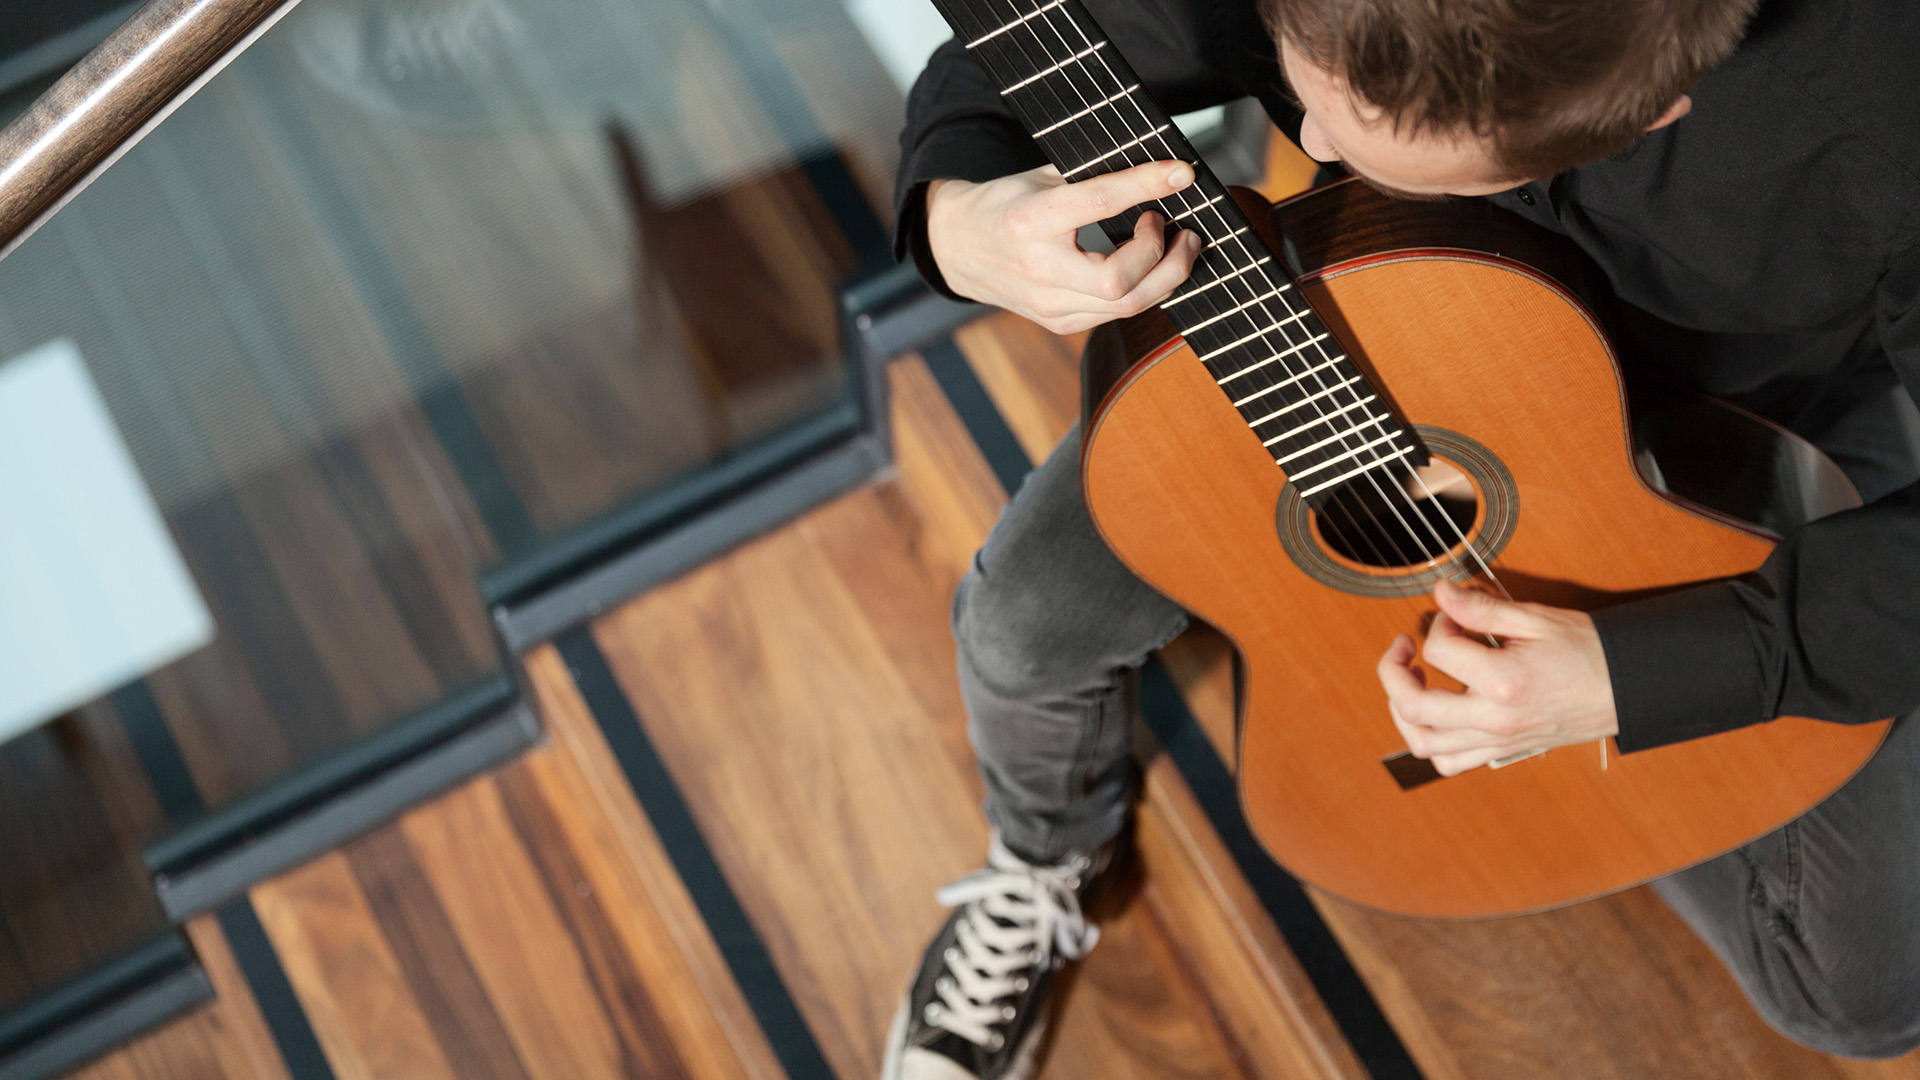 Mies soittaa portailla kitaraa